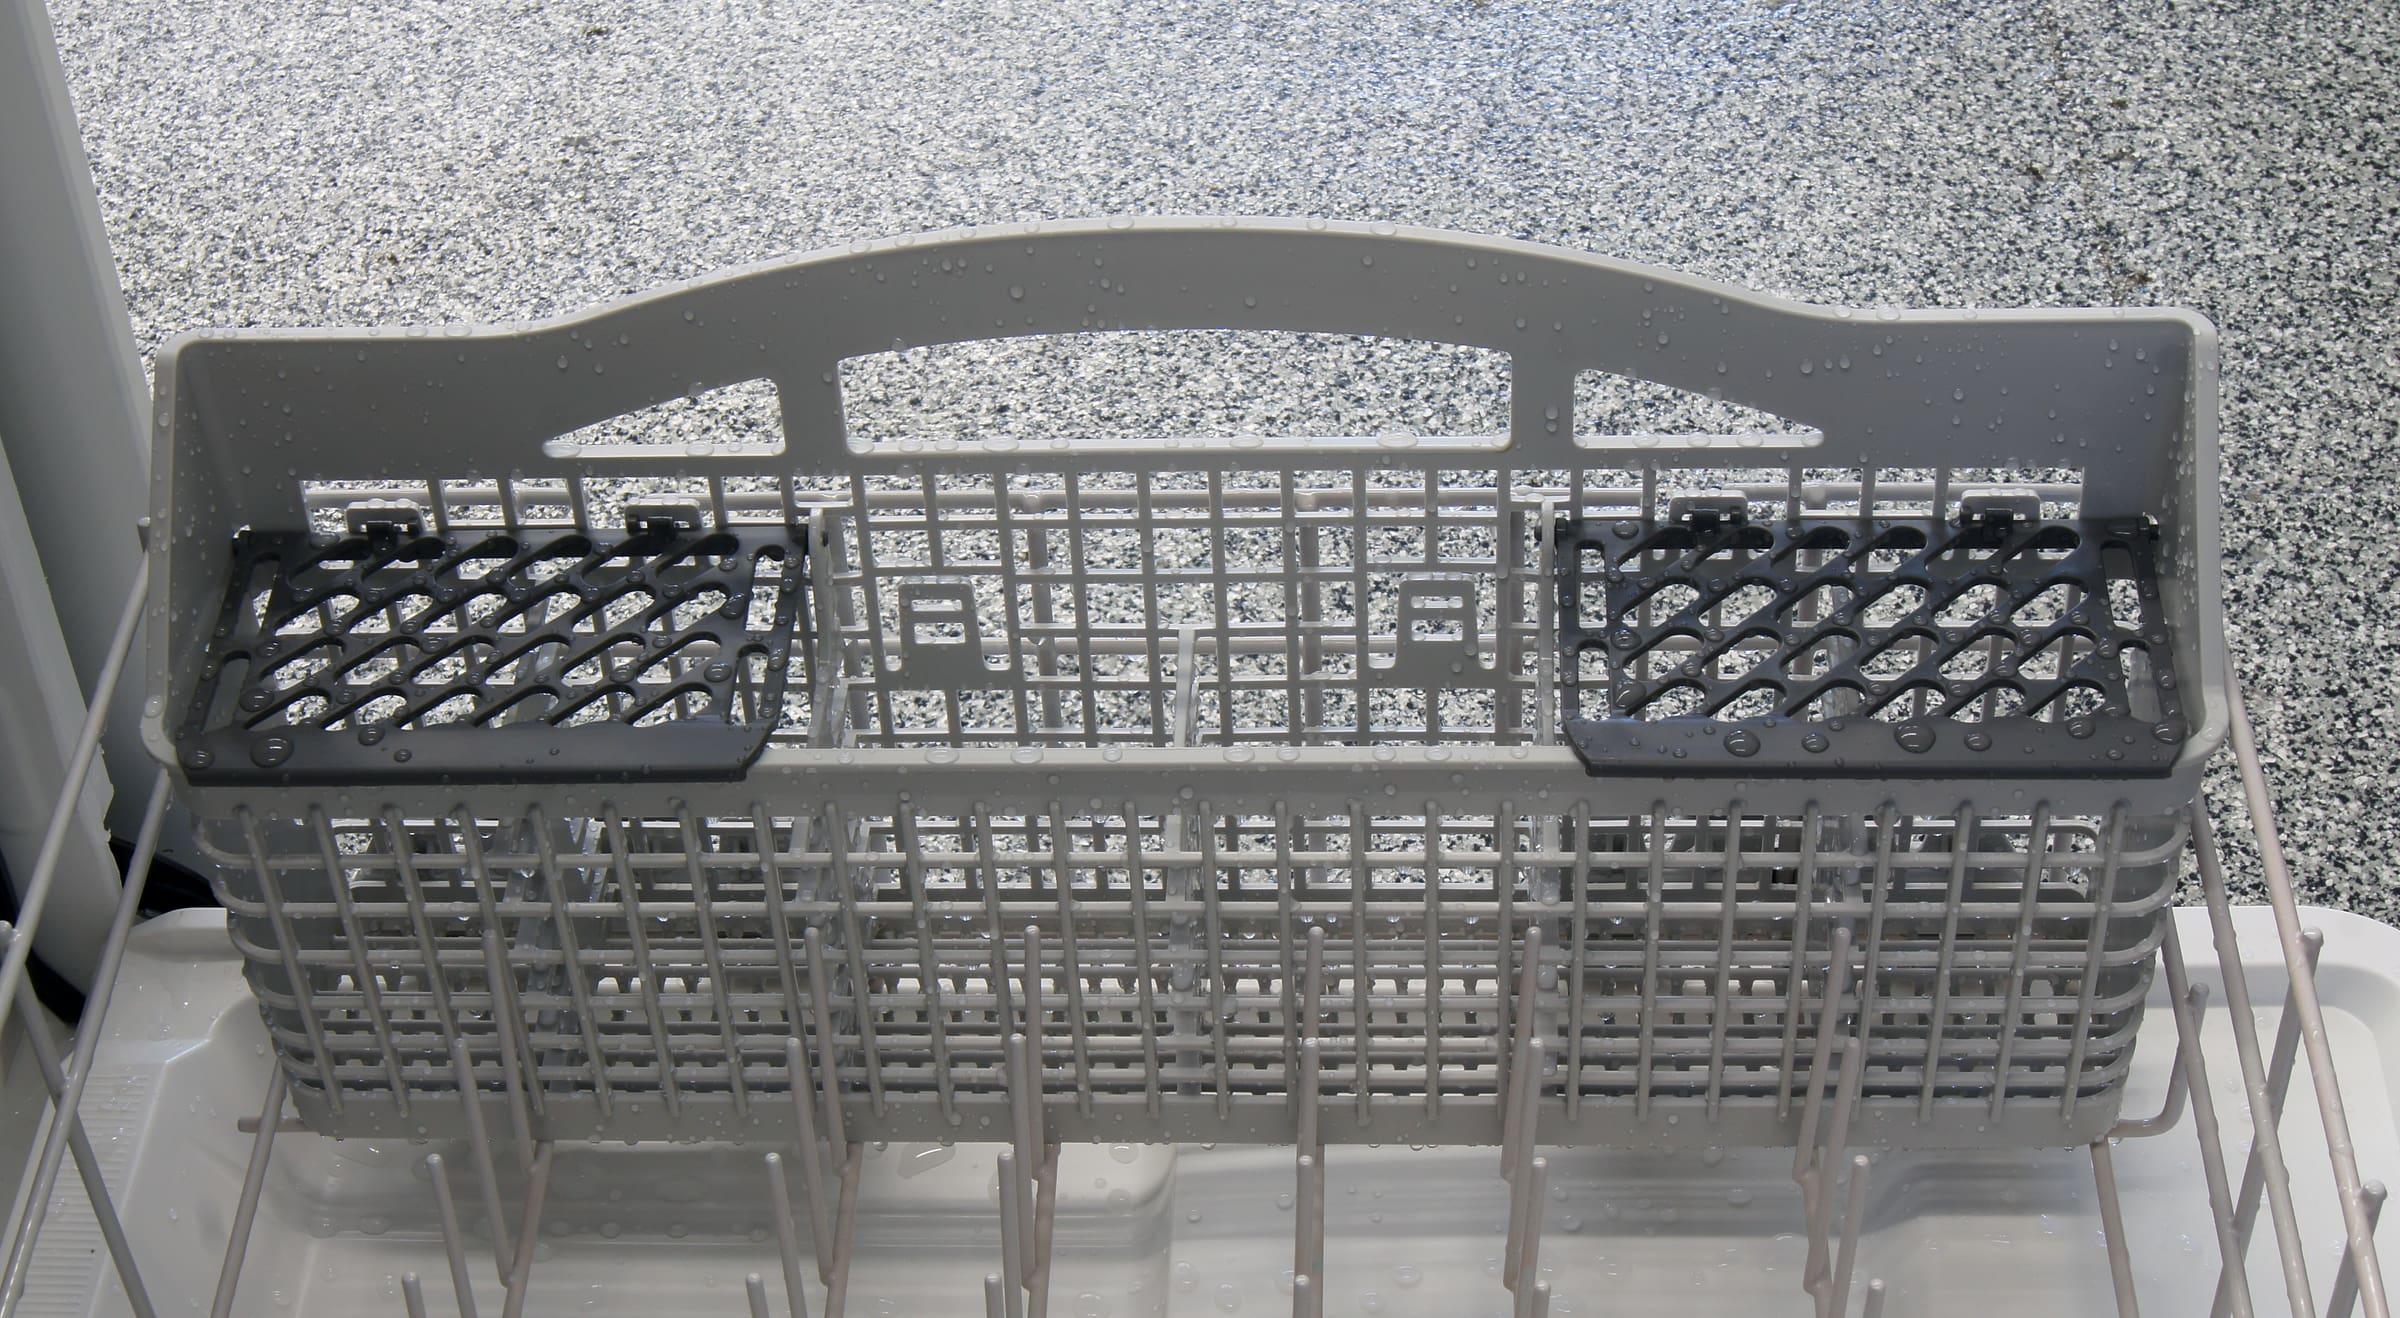 Kenmore 15113 cutlery basket